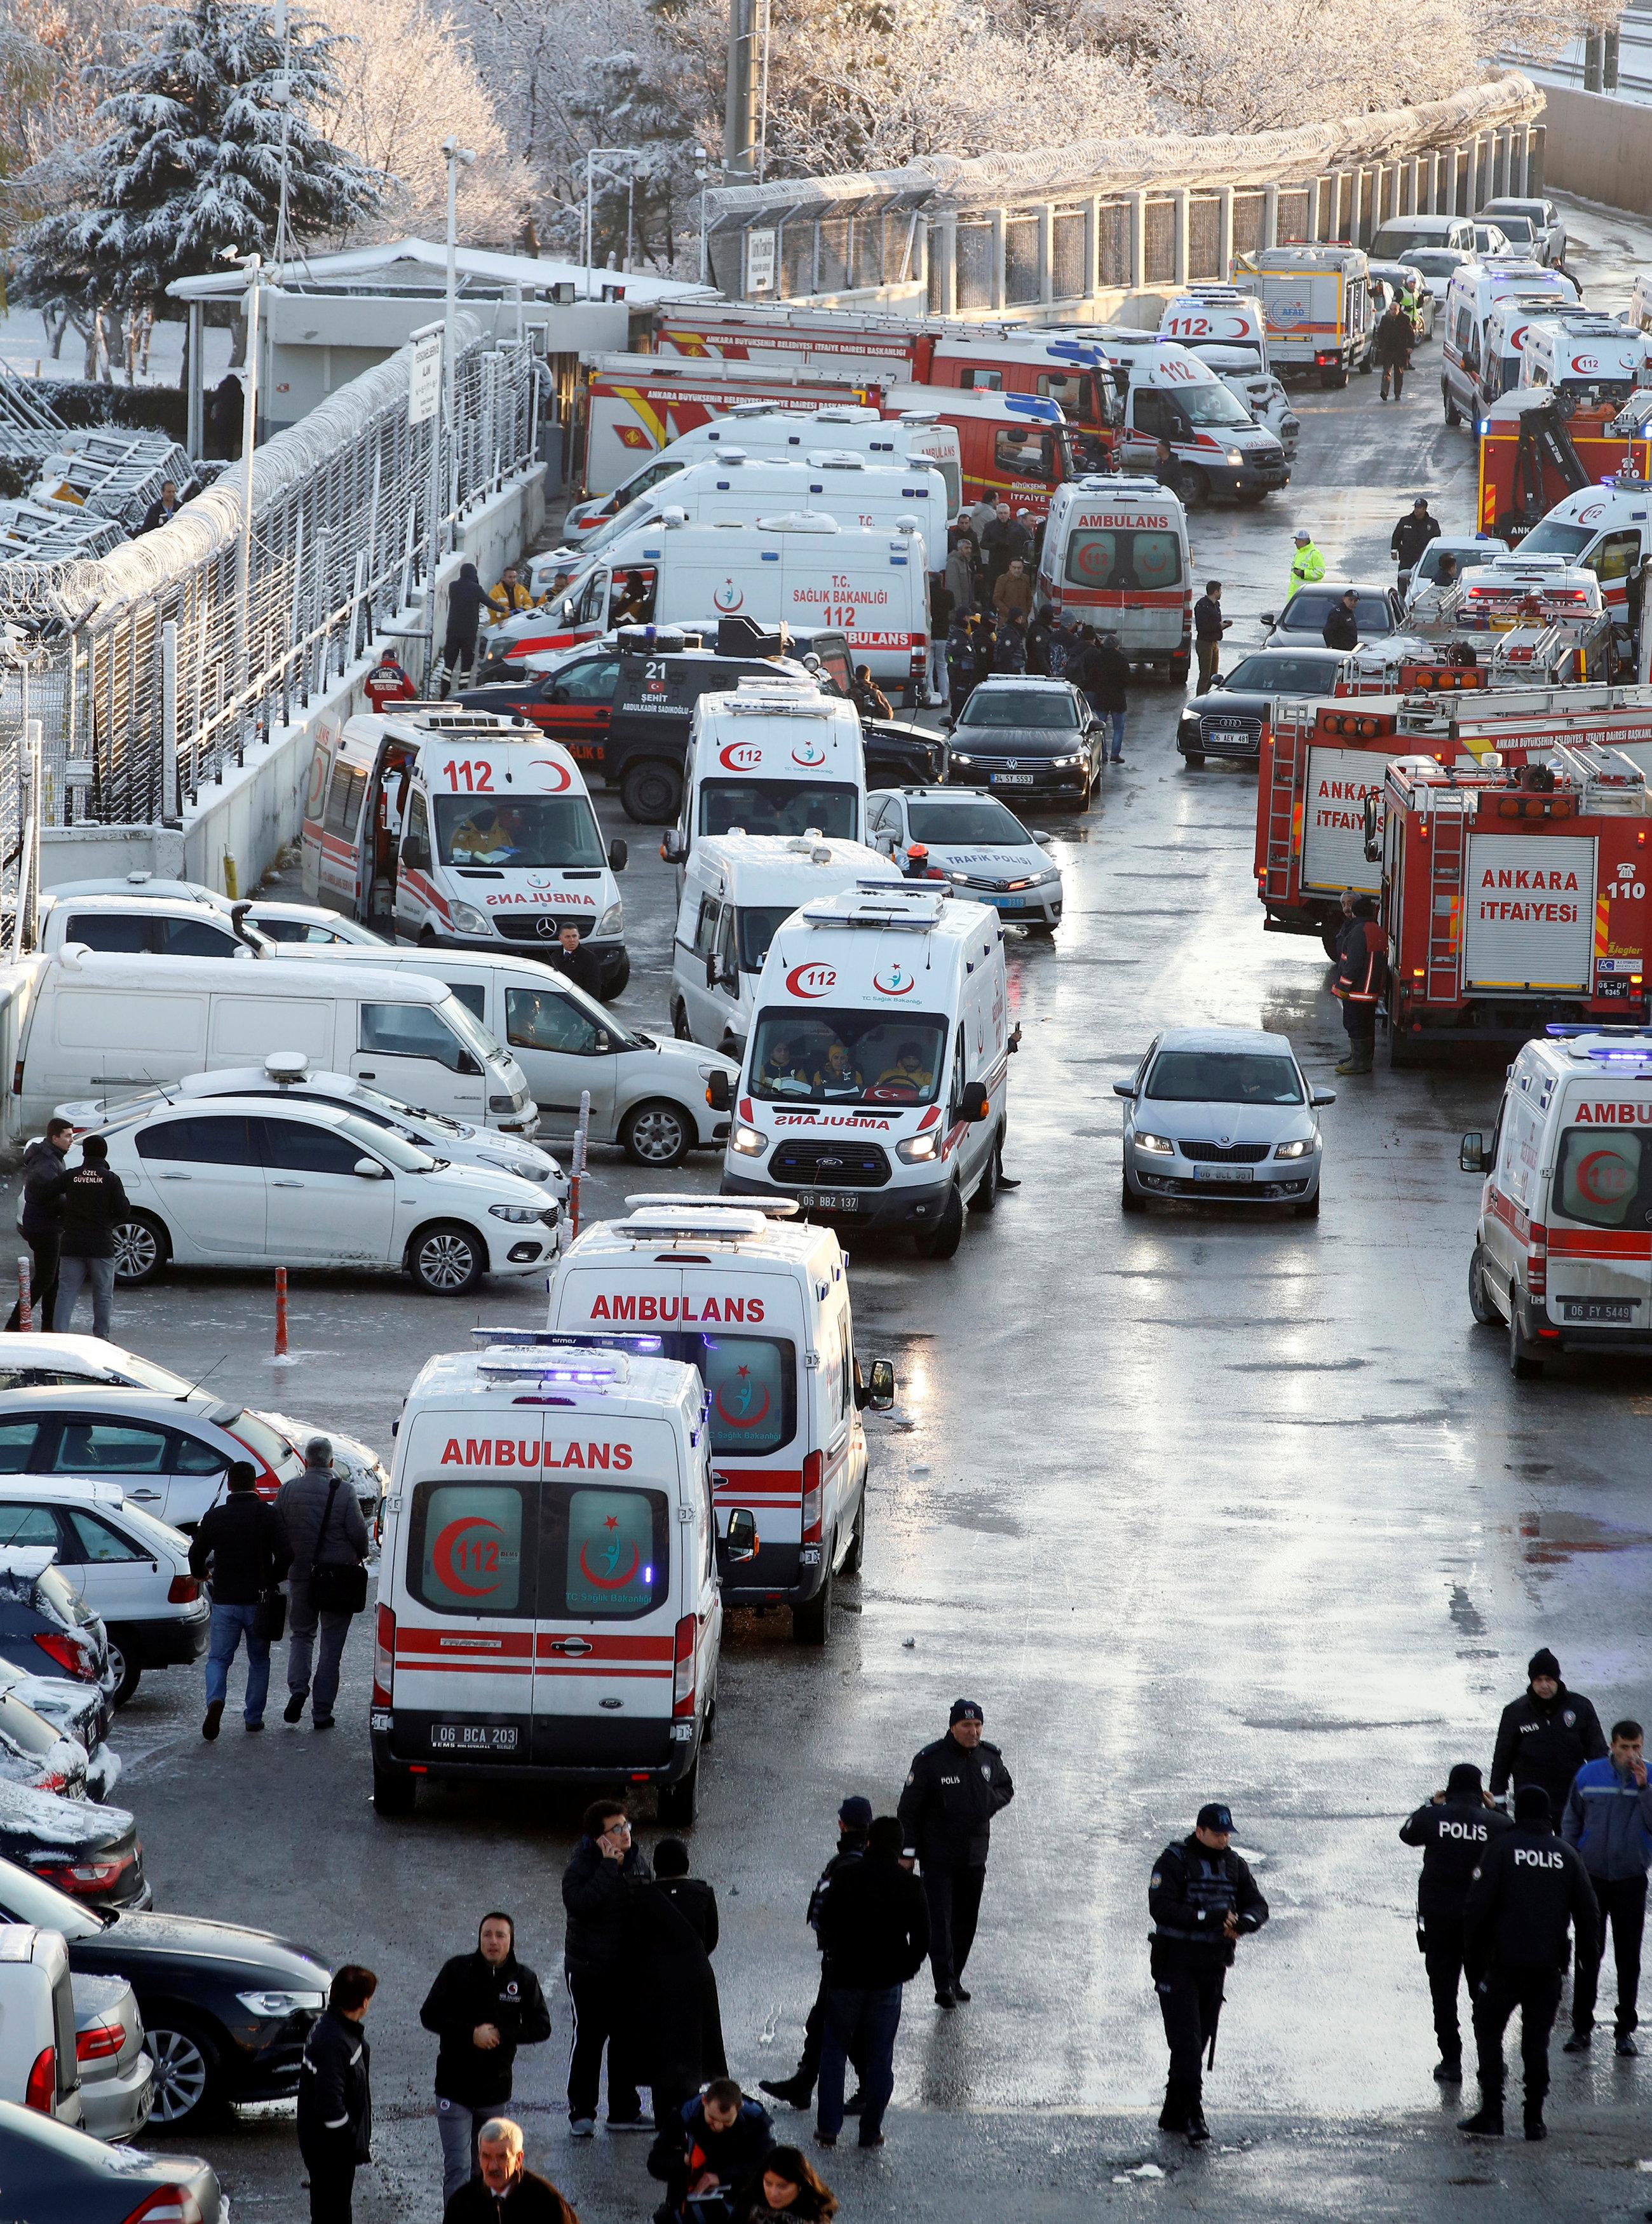 سيارات الاسعاف وشاحنات الإطفاء